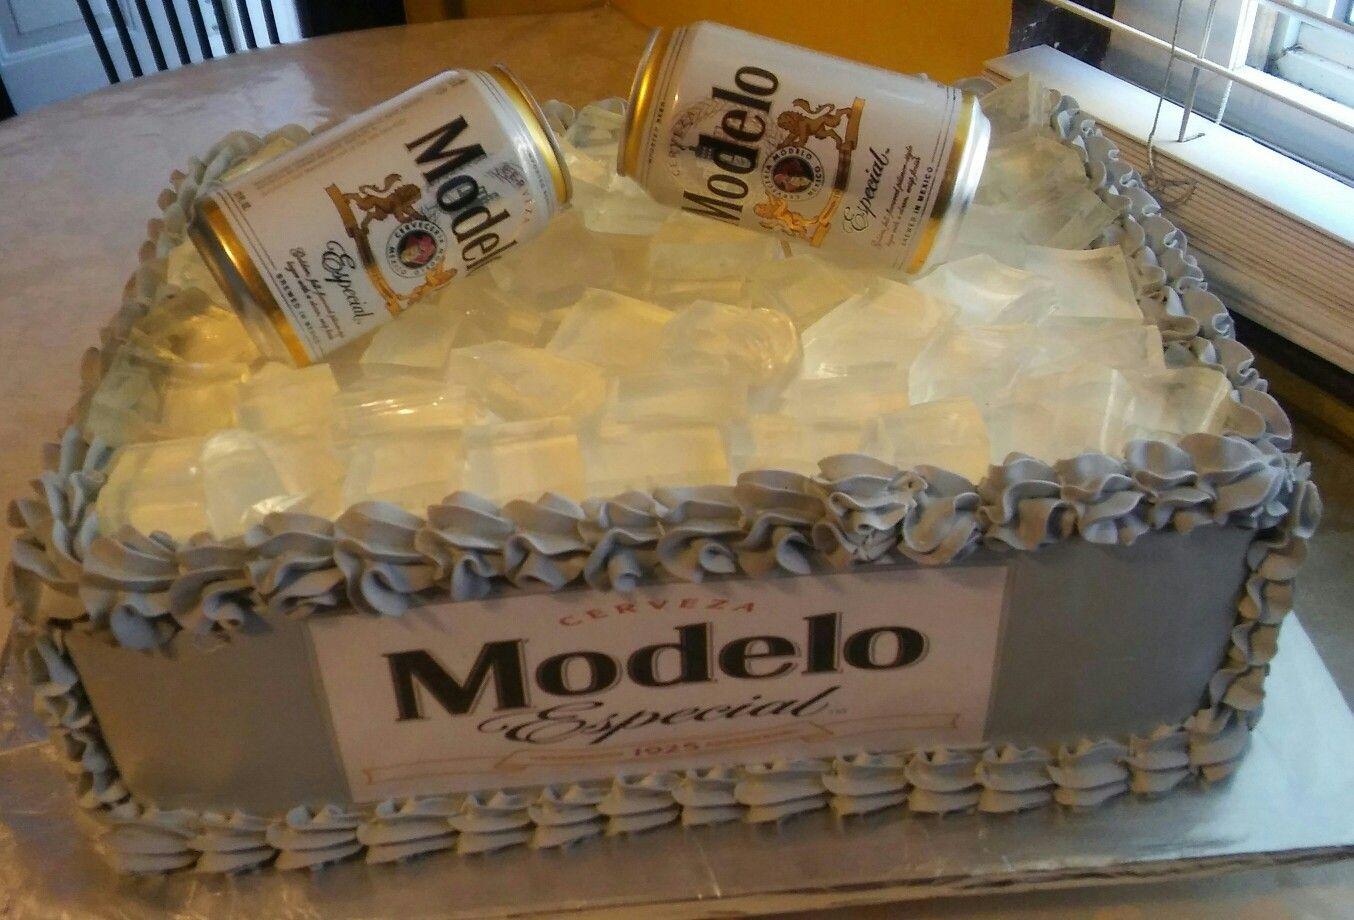 Modelo Beer Cake Decoration Mis Creaciones In 2019 Beer Birthday